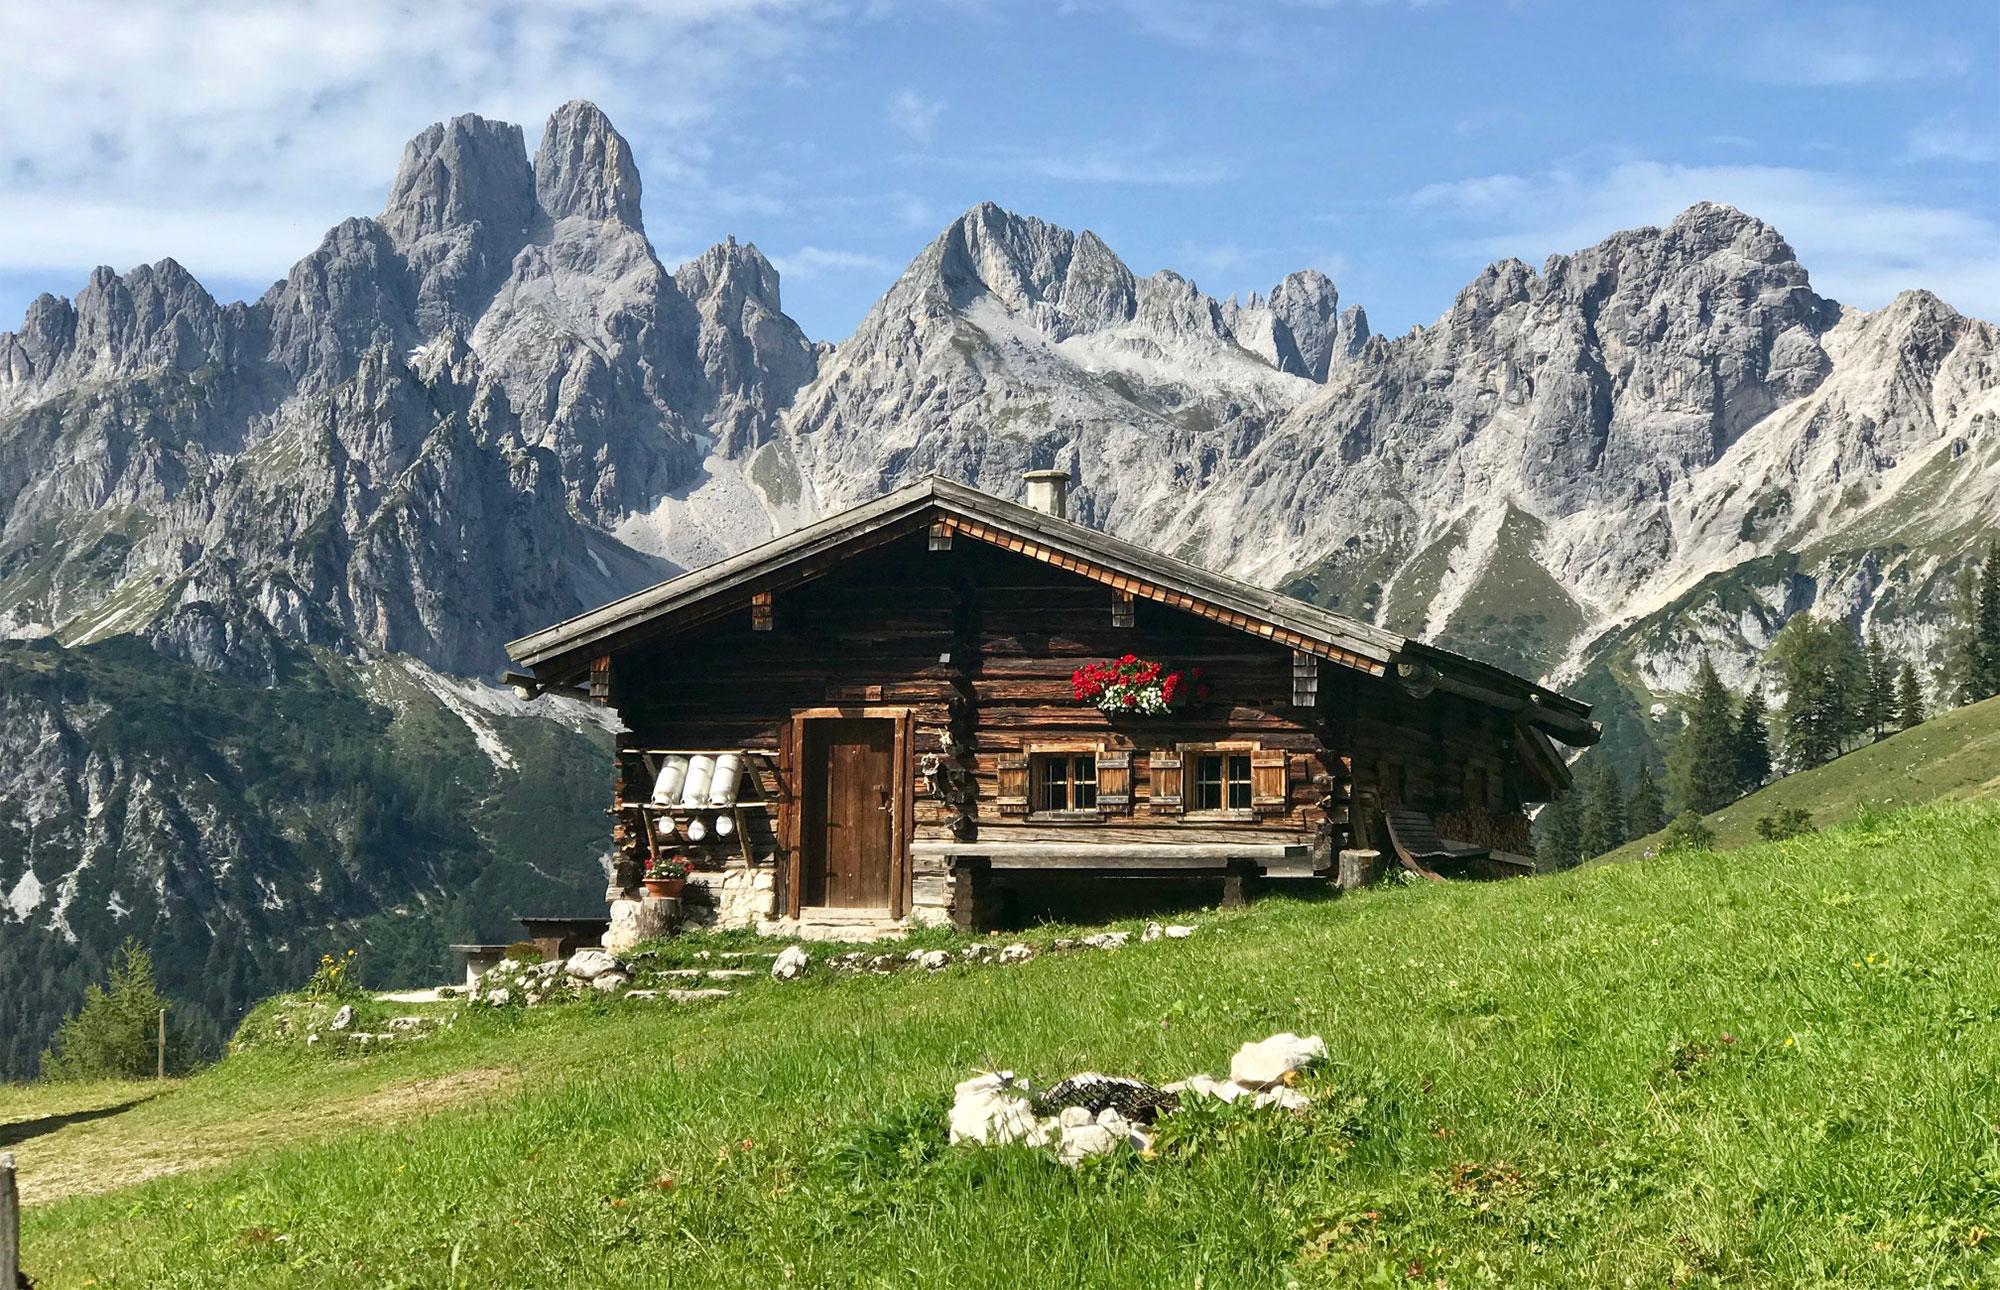 Eine nicht ganz freiwillige Auszeit in den Bergen erleben gerade die Gastgeber der gleichnamigen Unterkunft